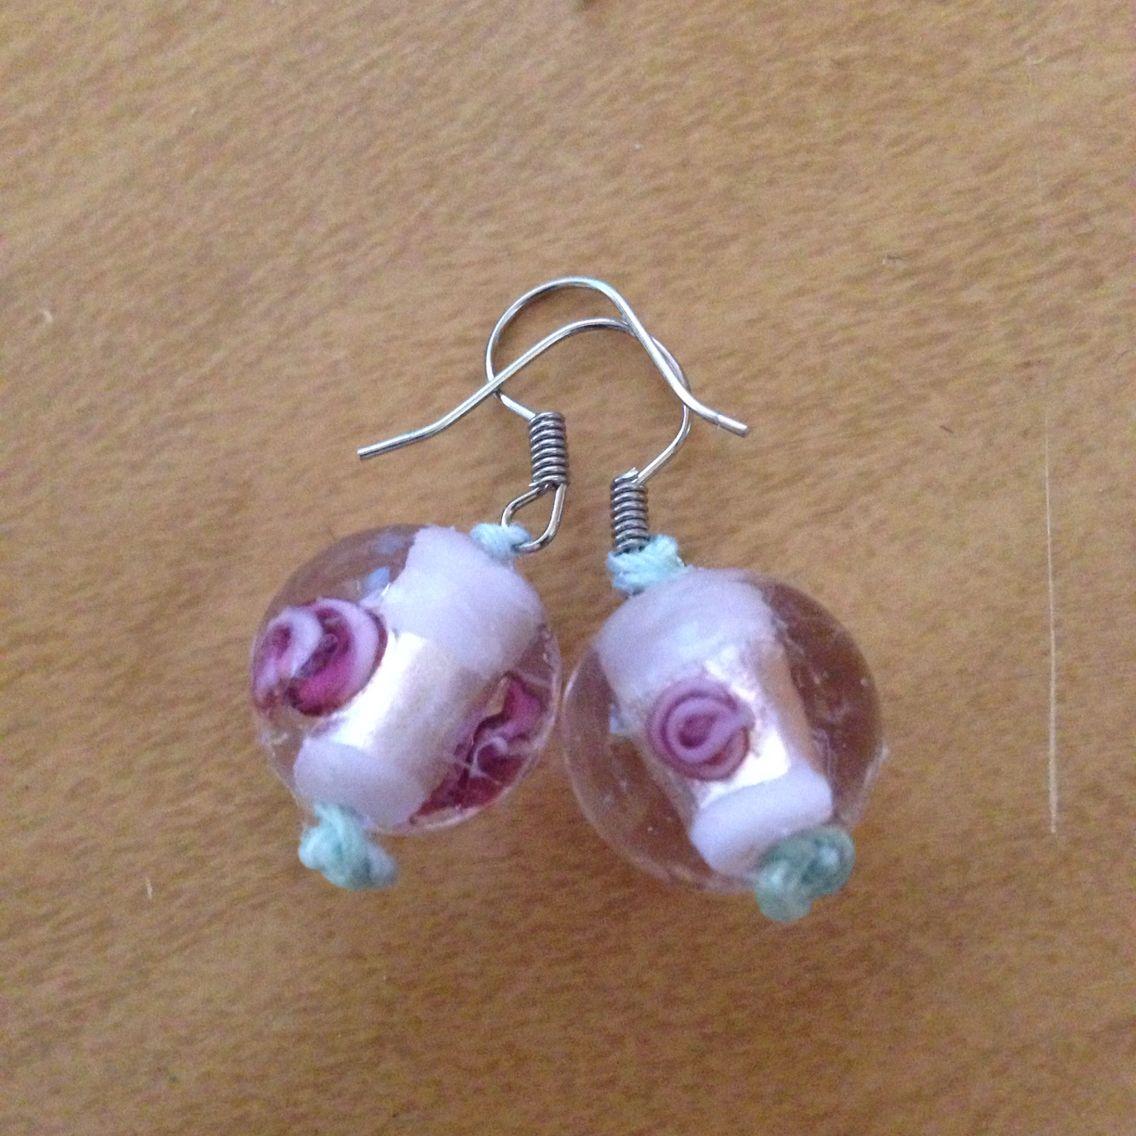 Rose pink beAd earrings